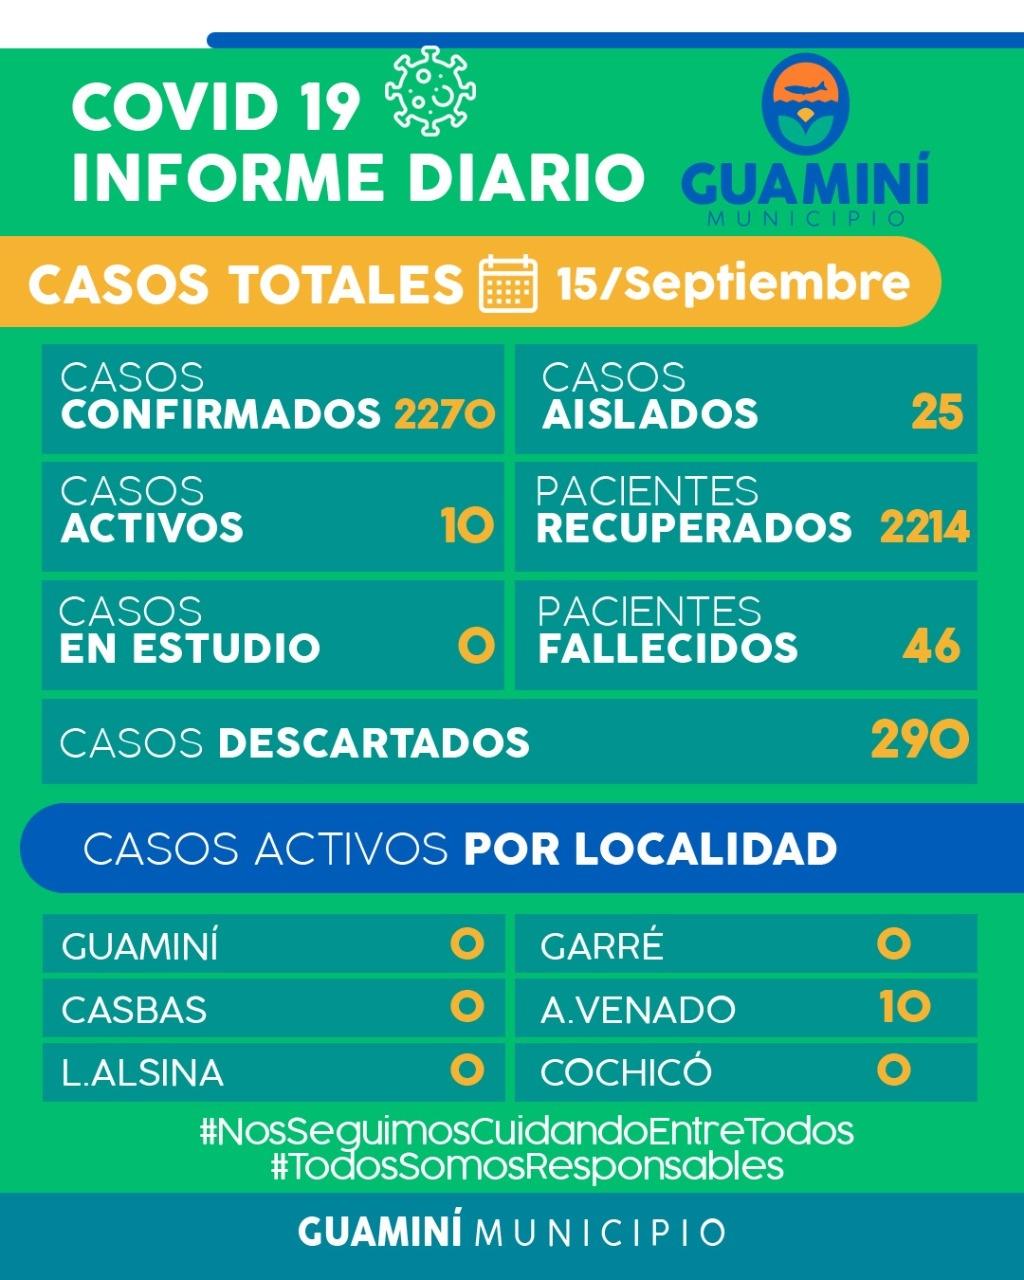 CORONAVIRUS: INFORME DIARIO DE SITUACIÓN A NIVEL LOCAL - 15 DE SEPTIEMBRE -